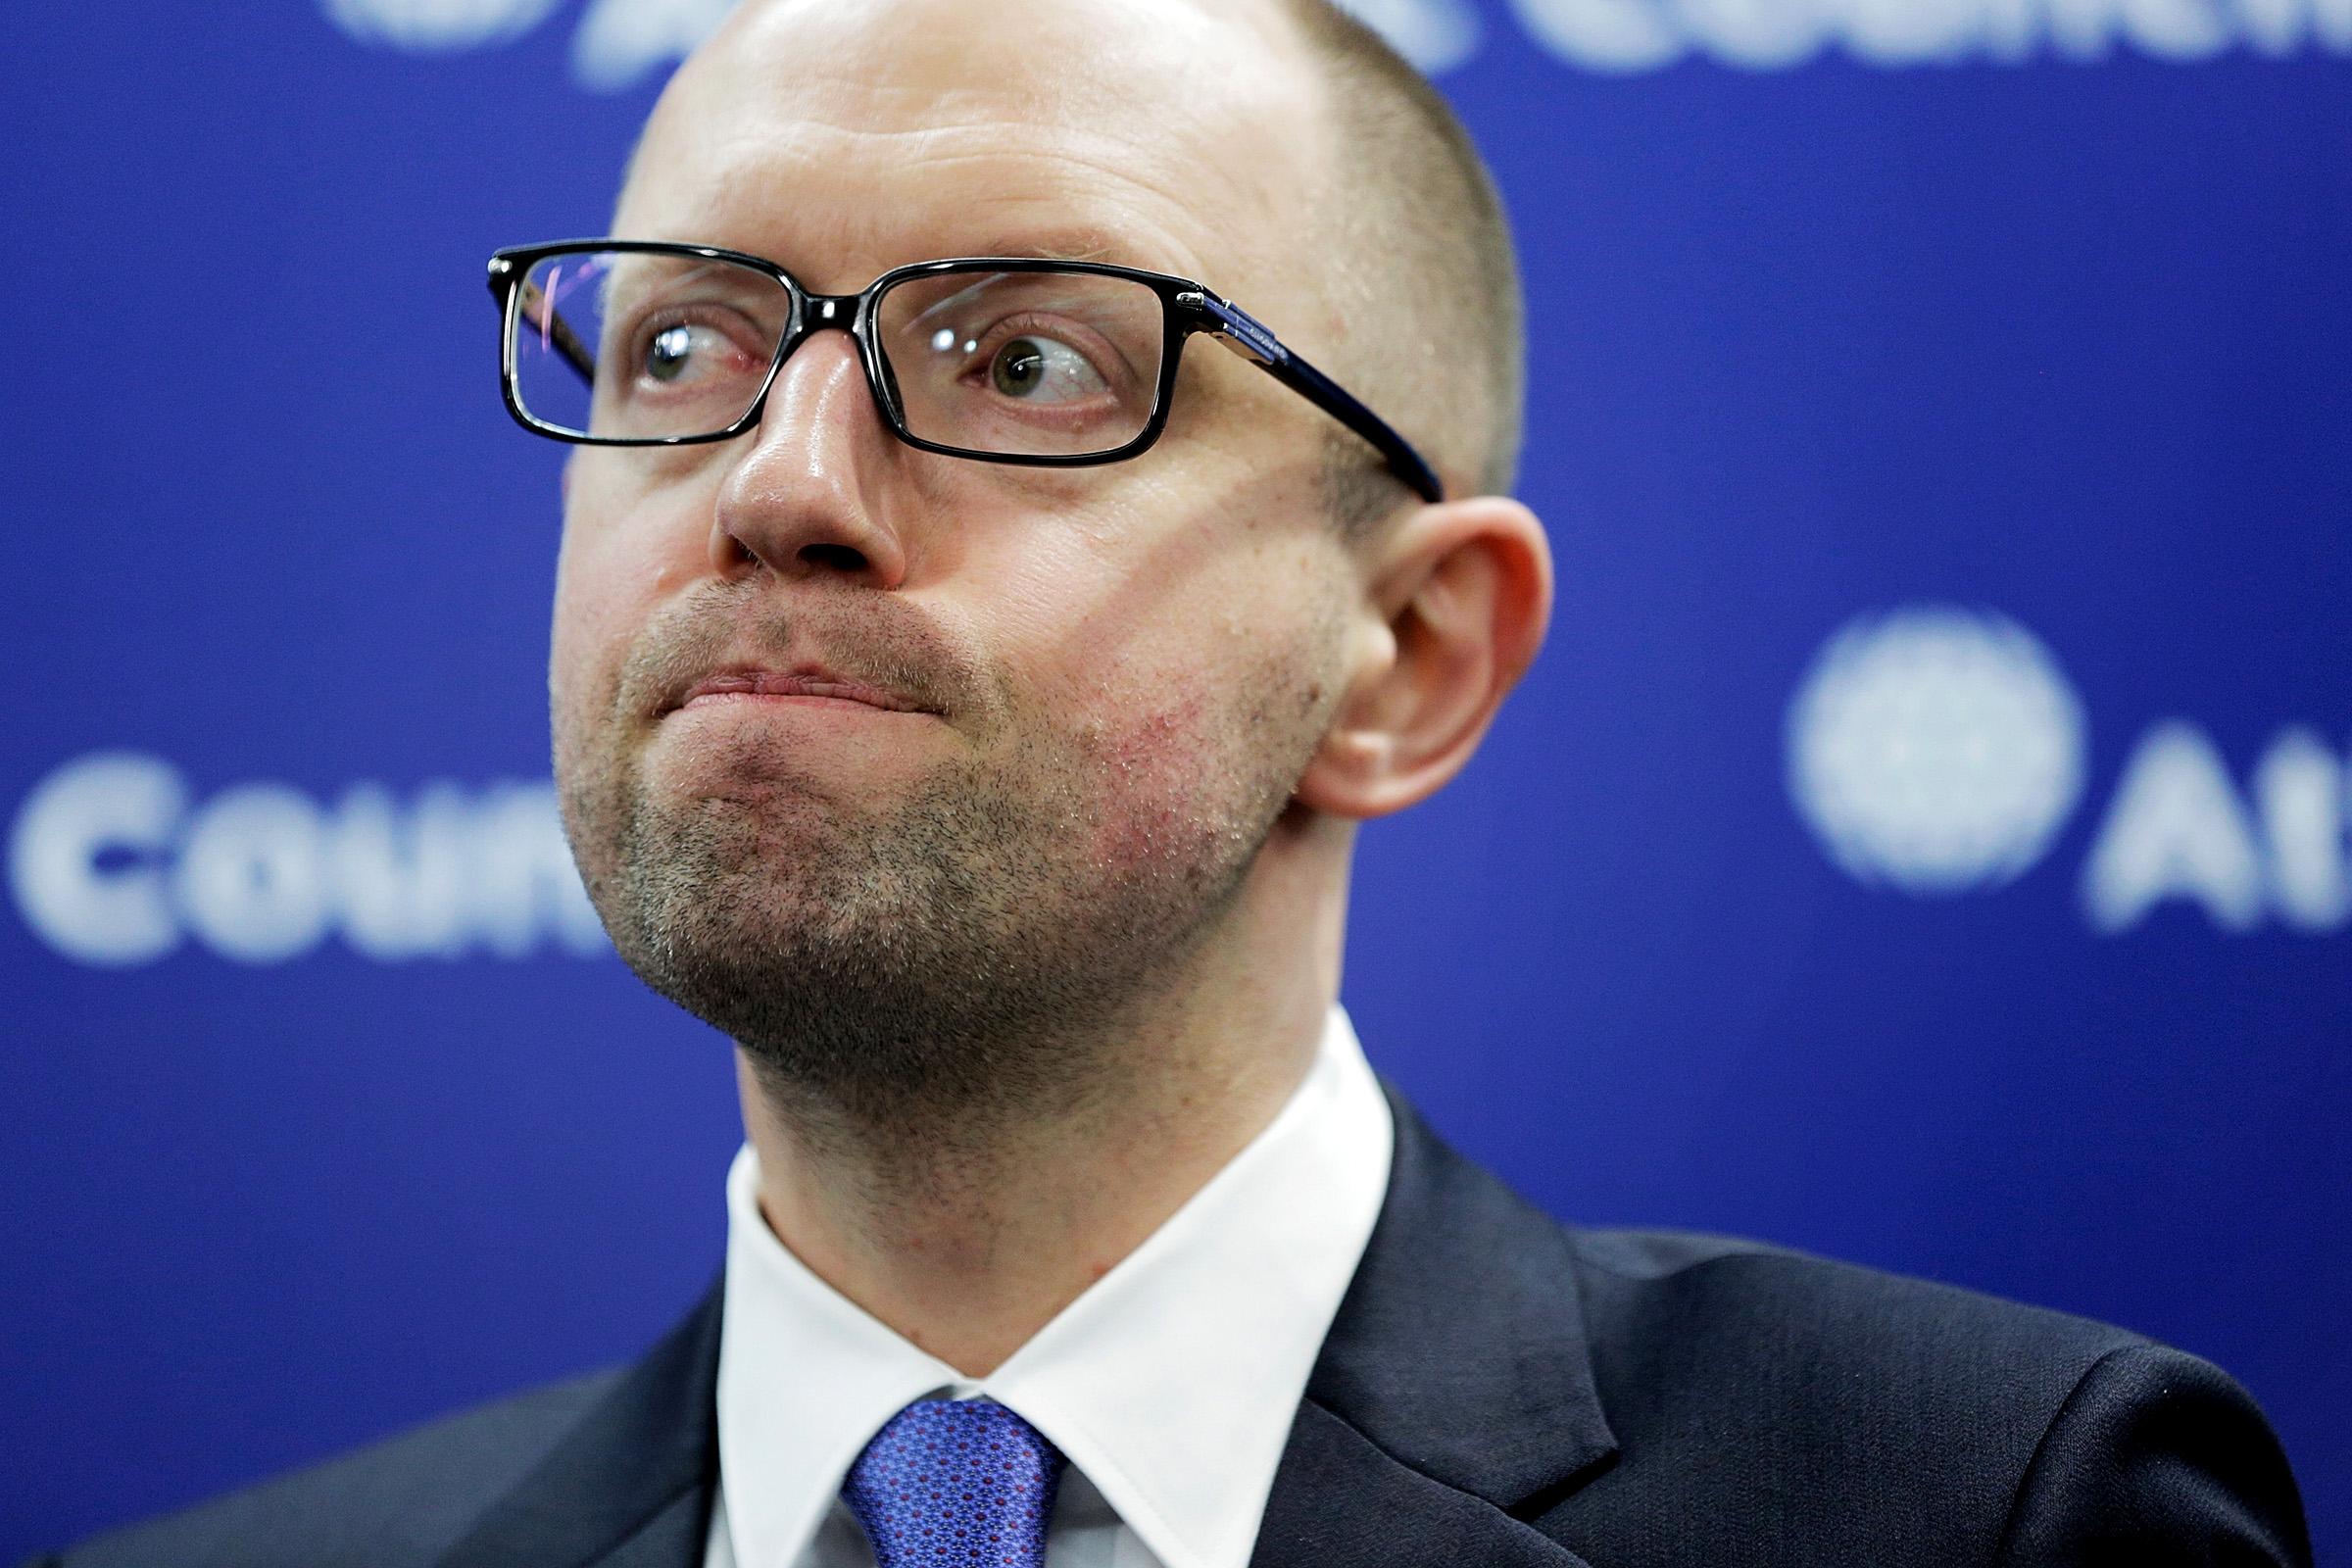 Ukrainian PM Yatsenyuk Steps Down